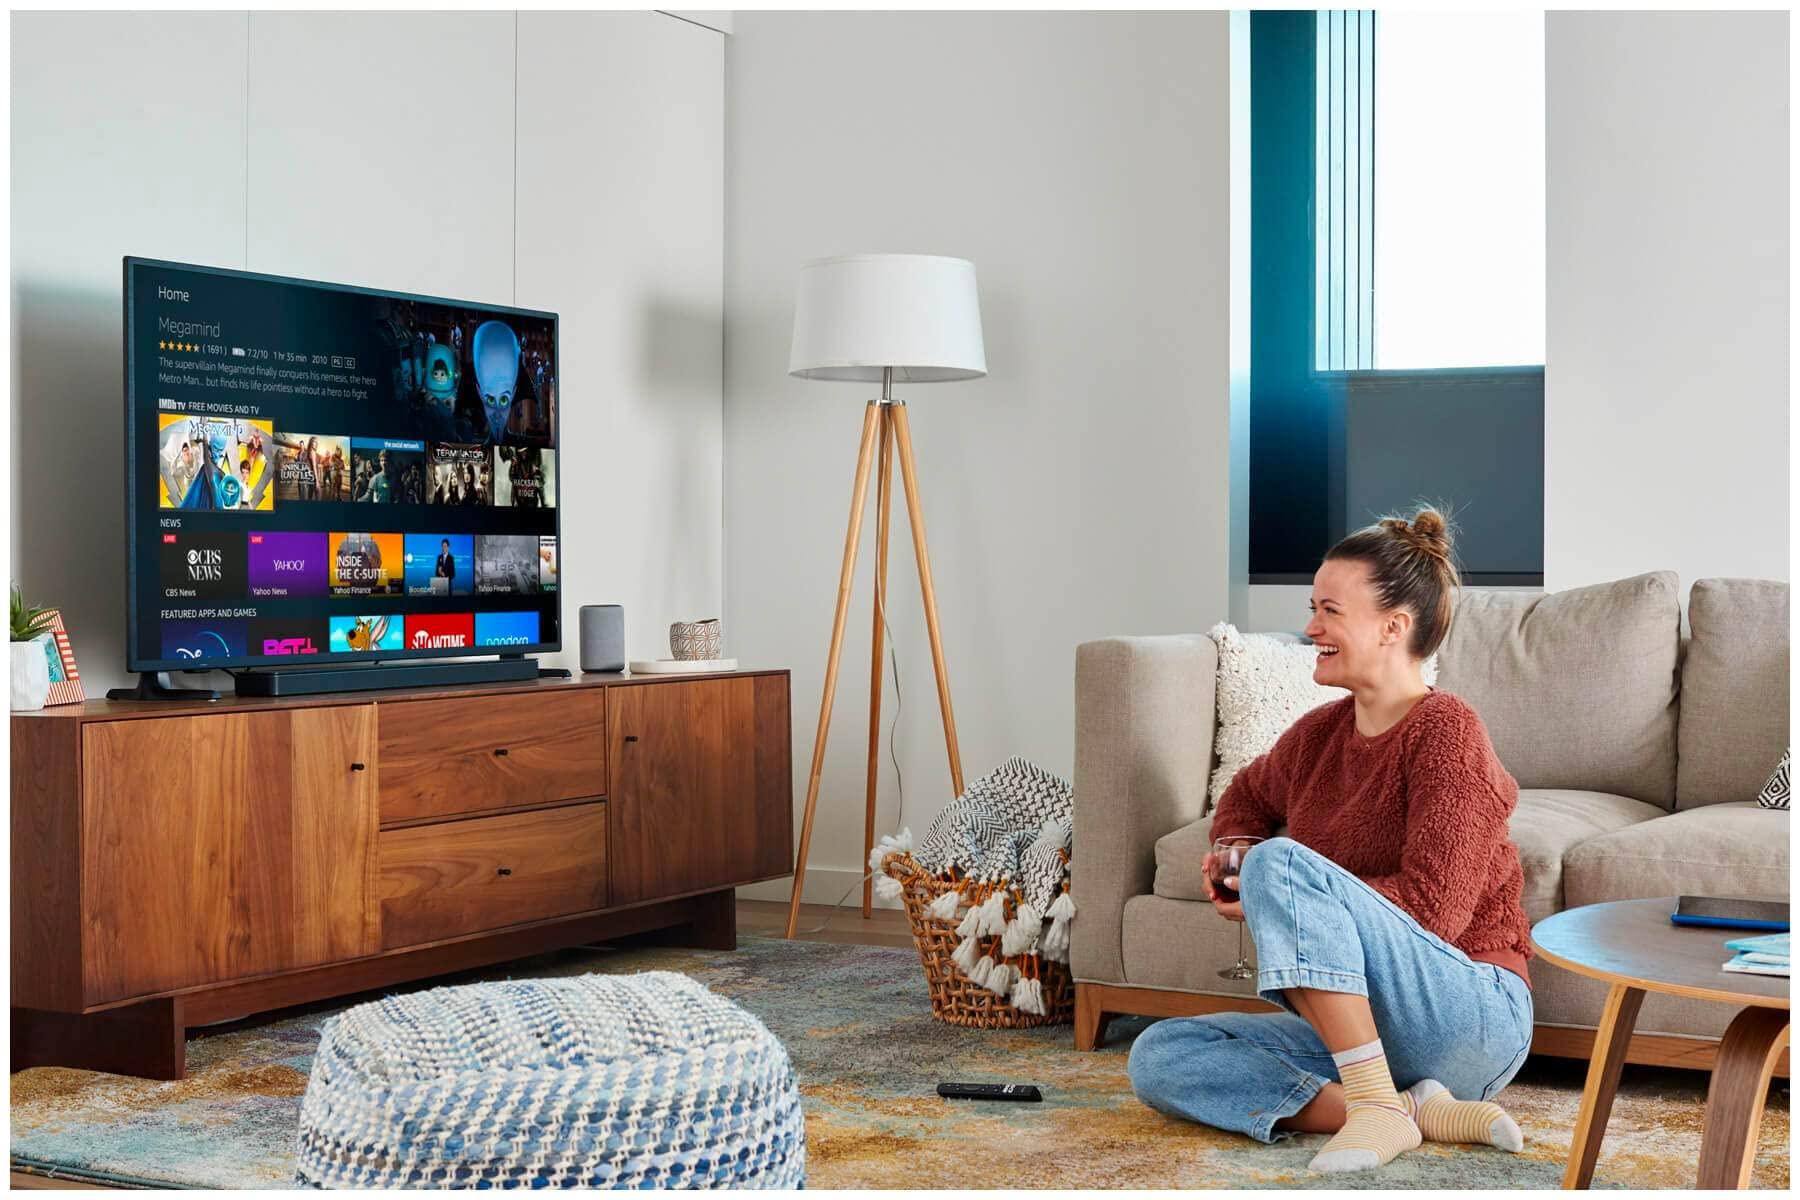 ソファに座りながらテレビを見ている女性